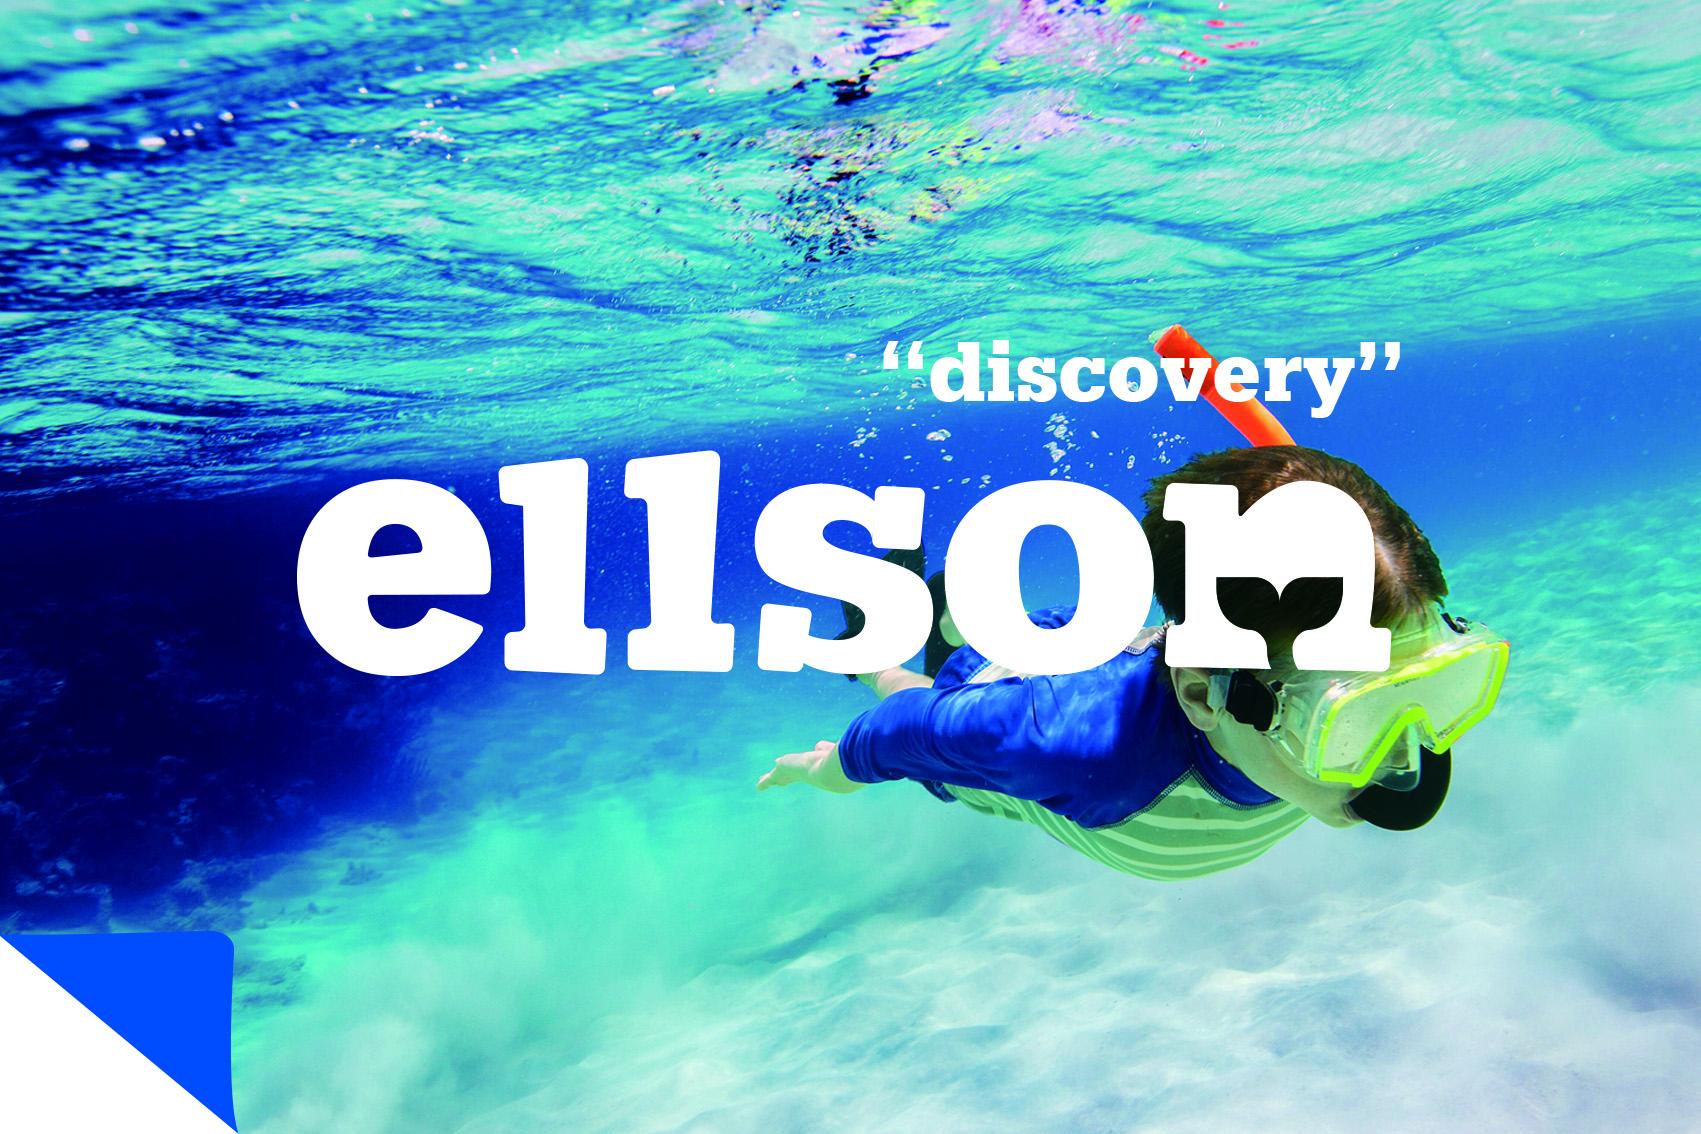 Ellson Education - banner